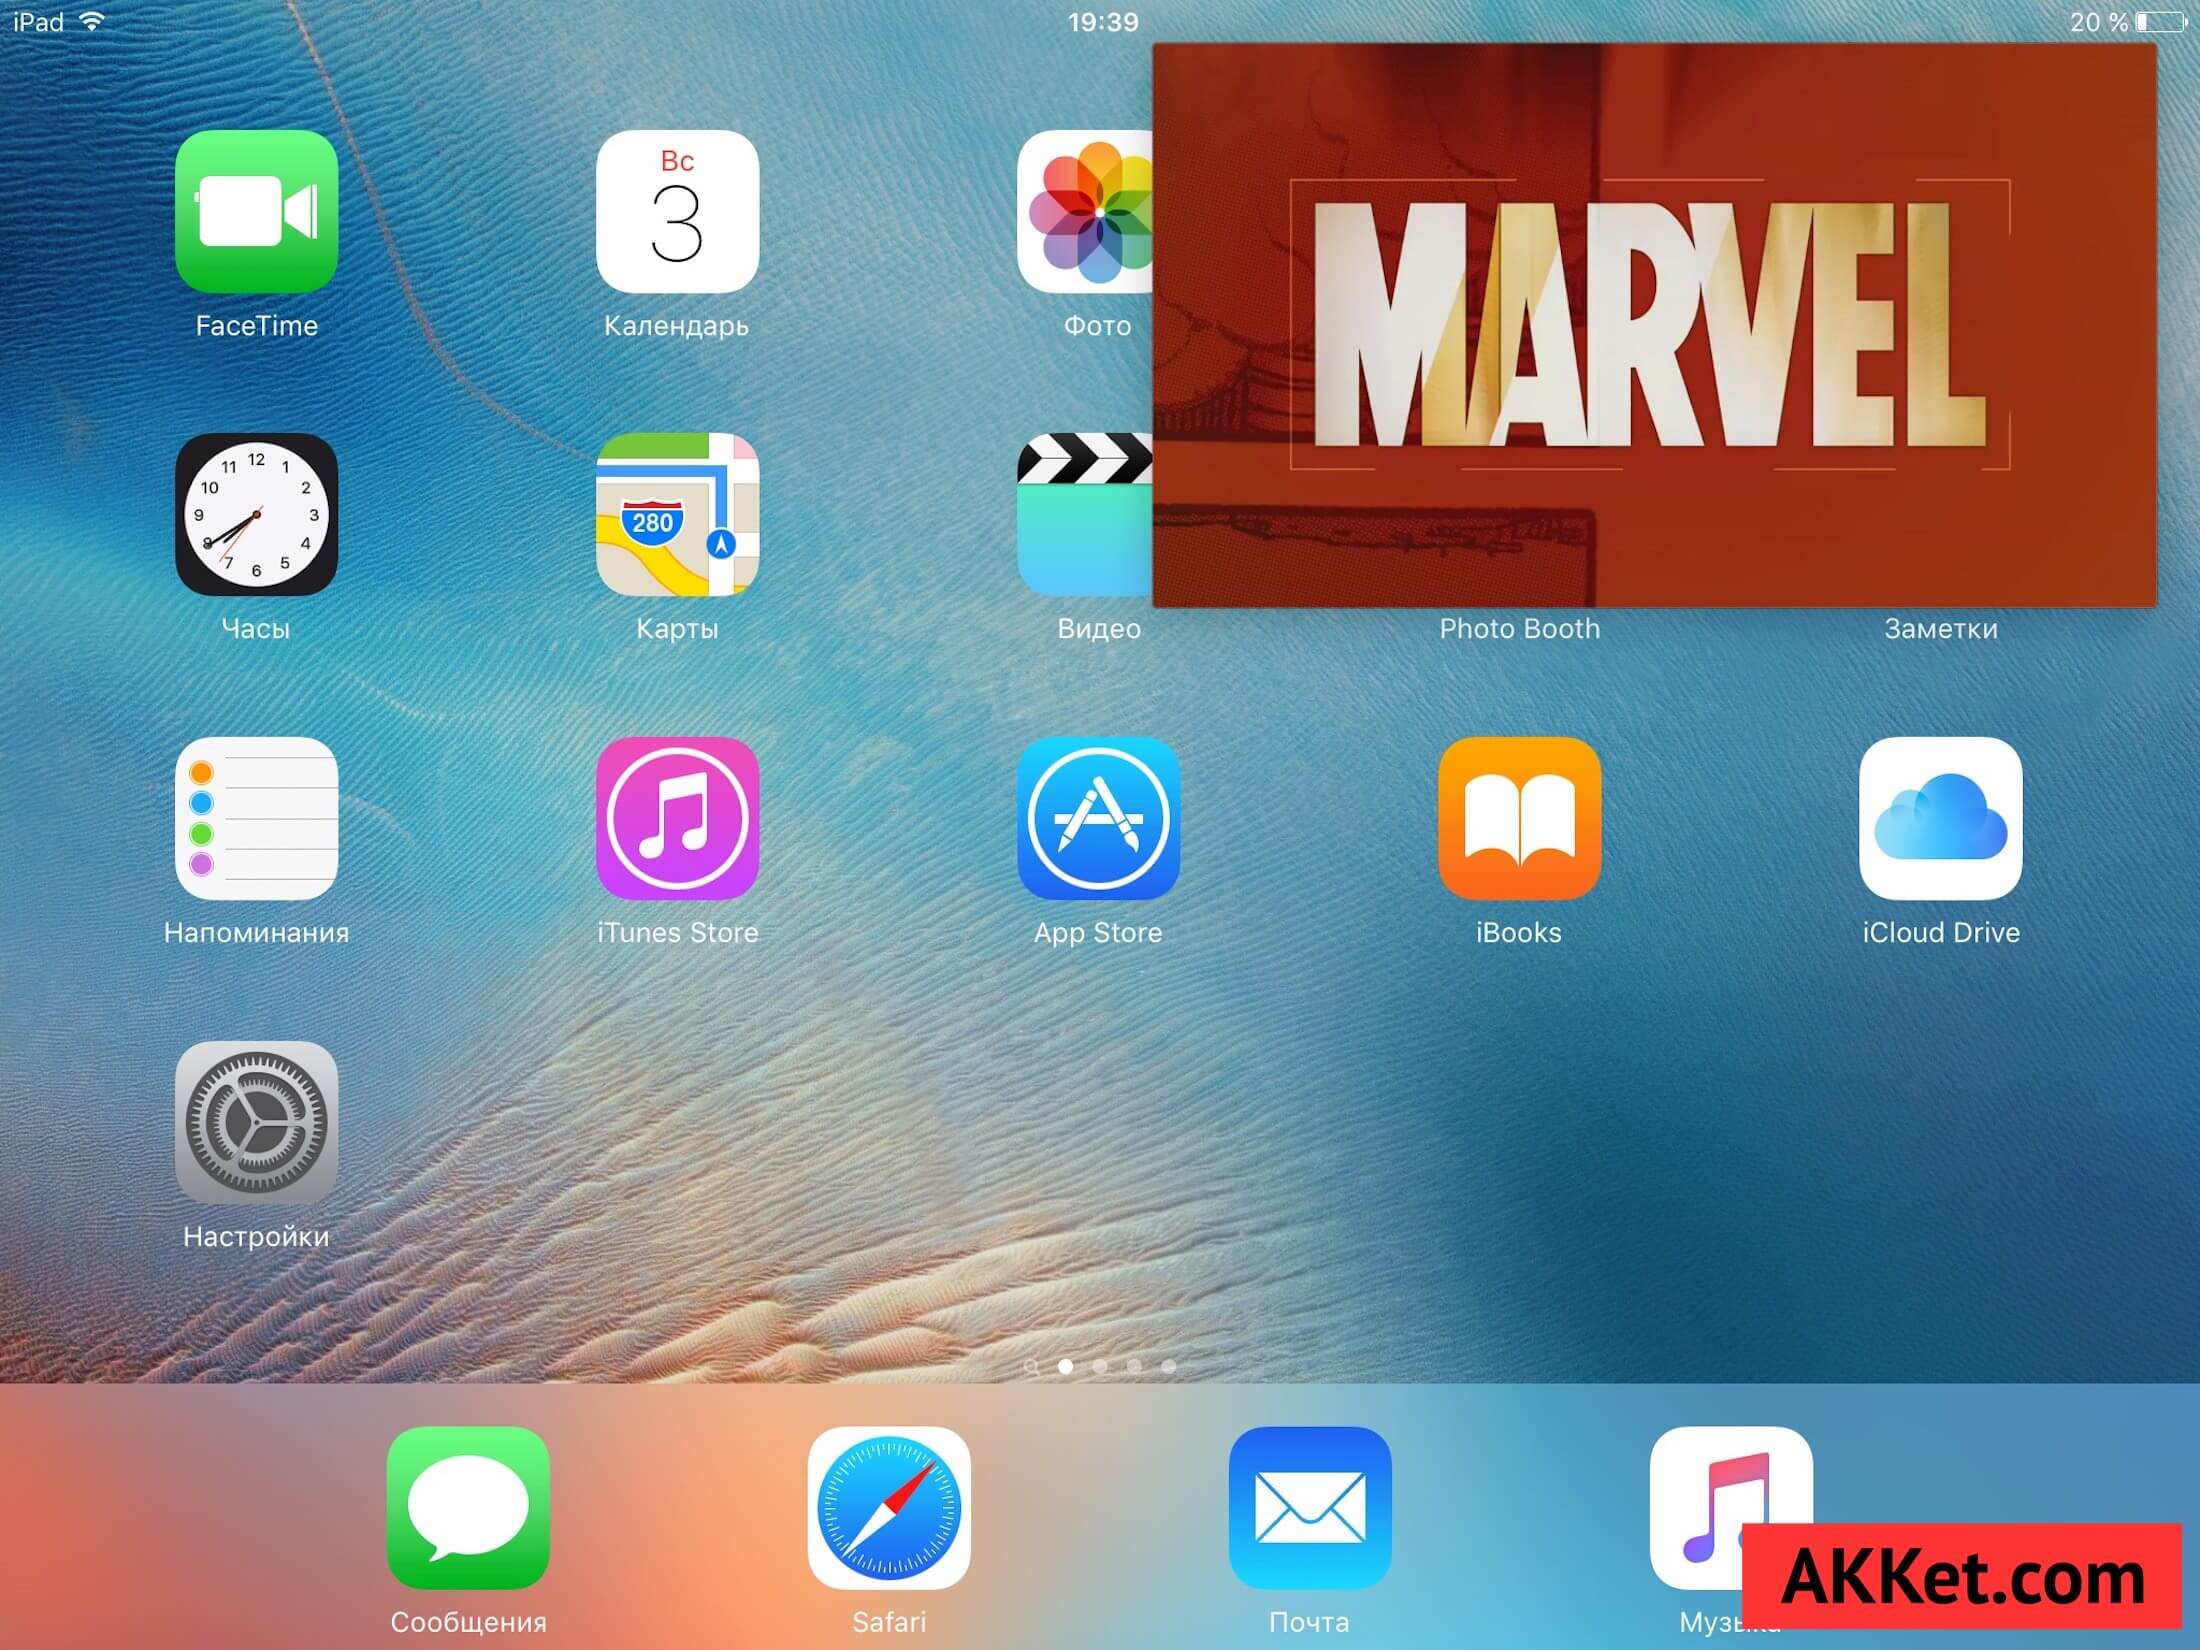 iPad mini 4 Full Review russia 4